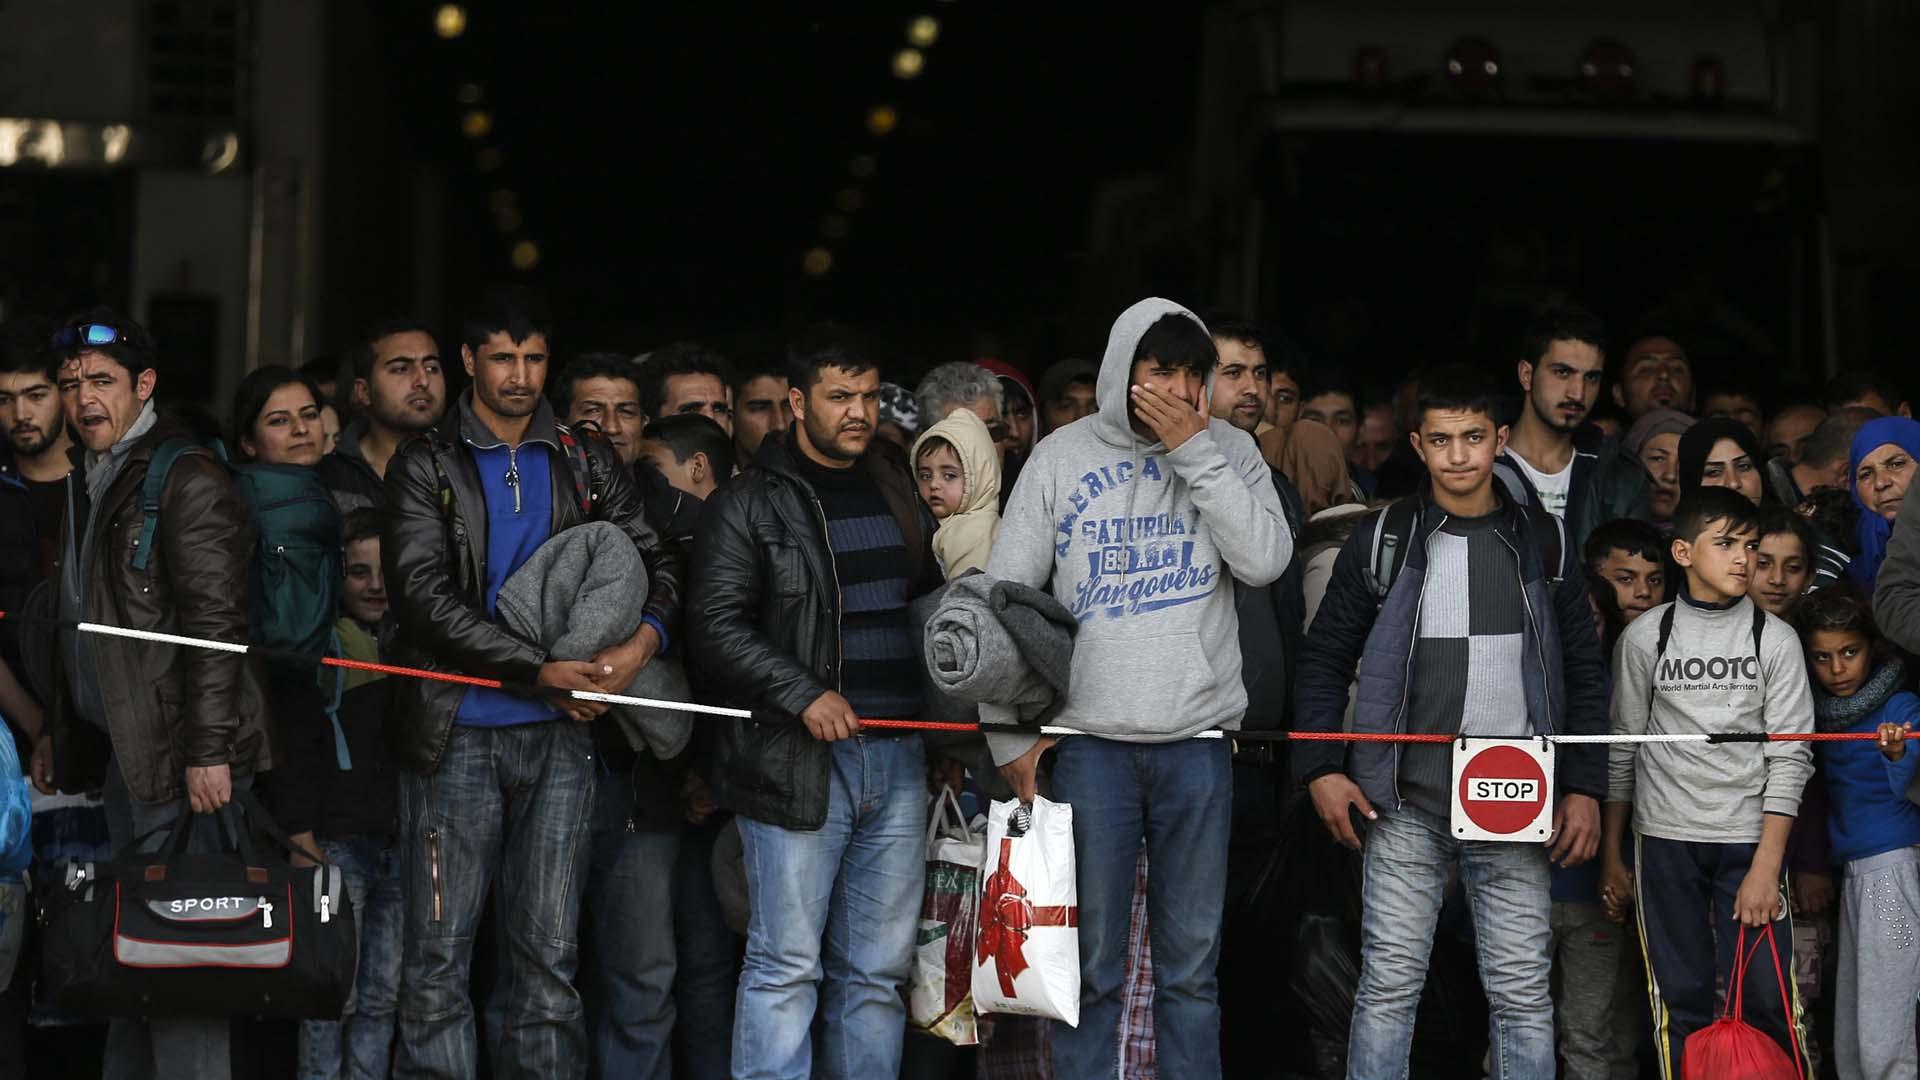 La Agencia de Naciones Unidas para los Refugiados denunció la falta de cooperación de los países europeos frente a la presión humanitaria